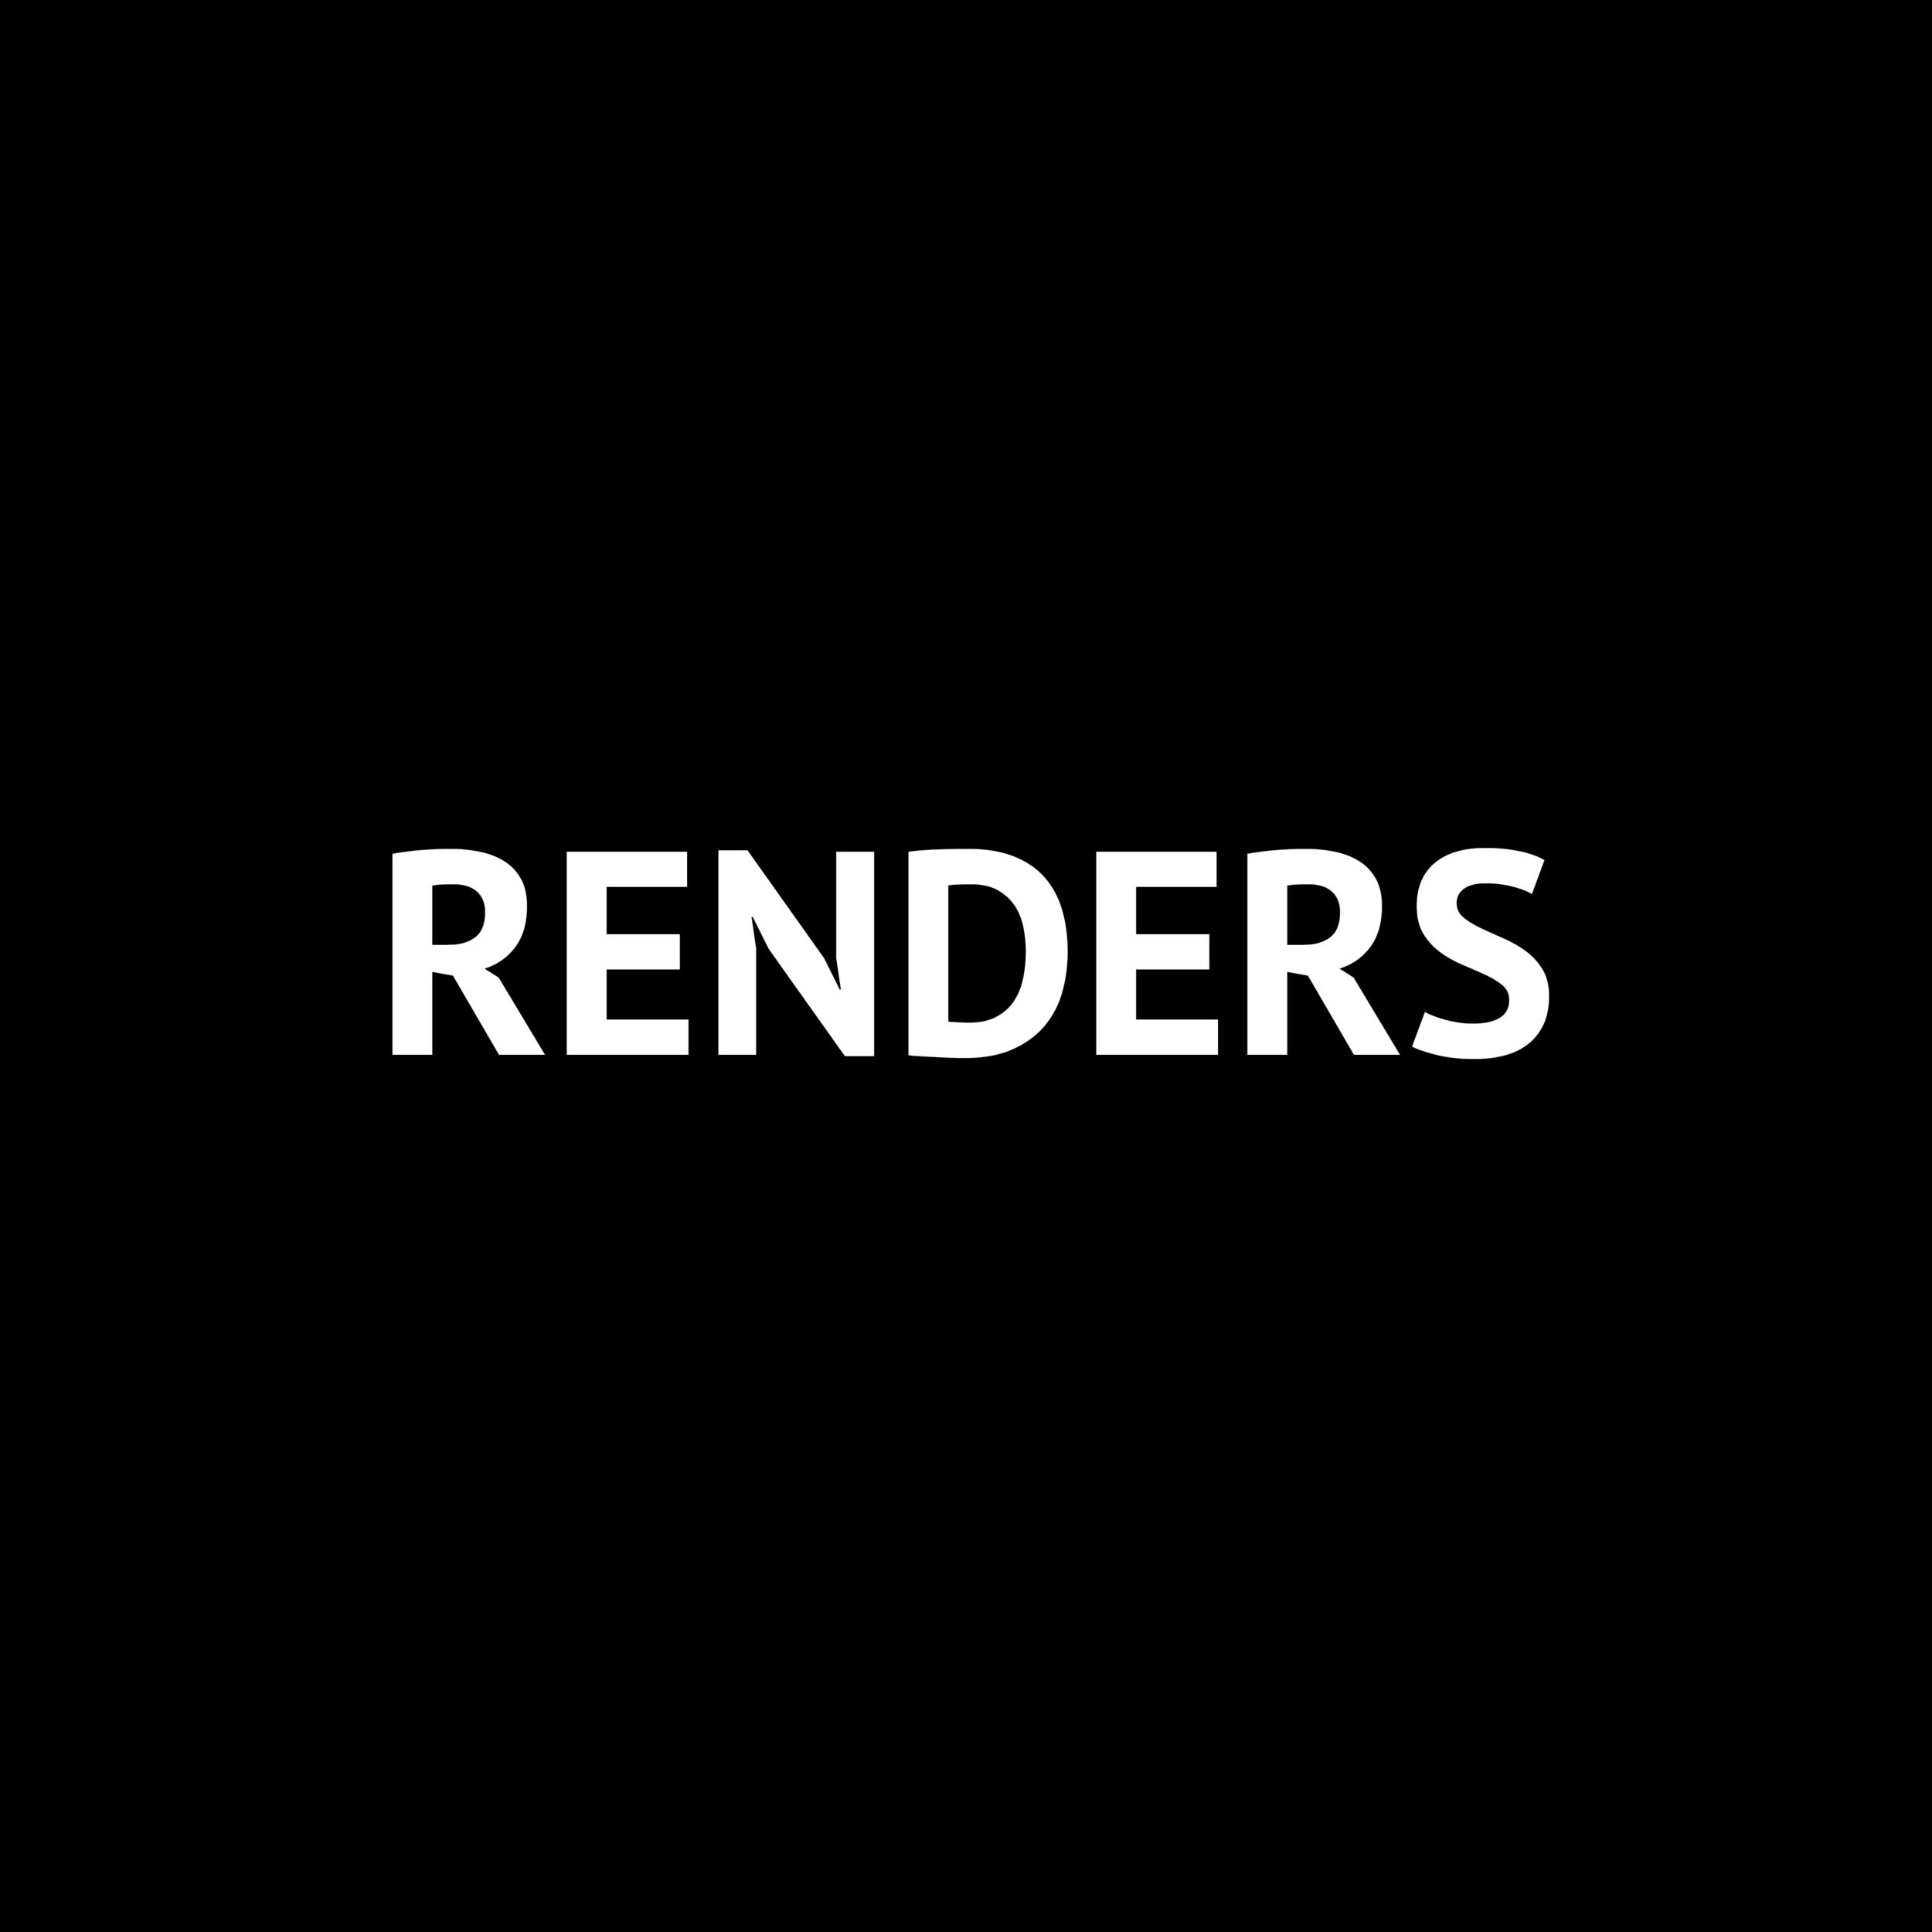 RENDERS |  Bre.